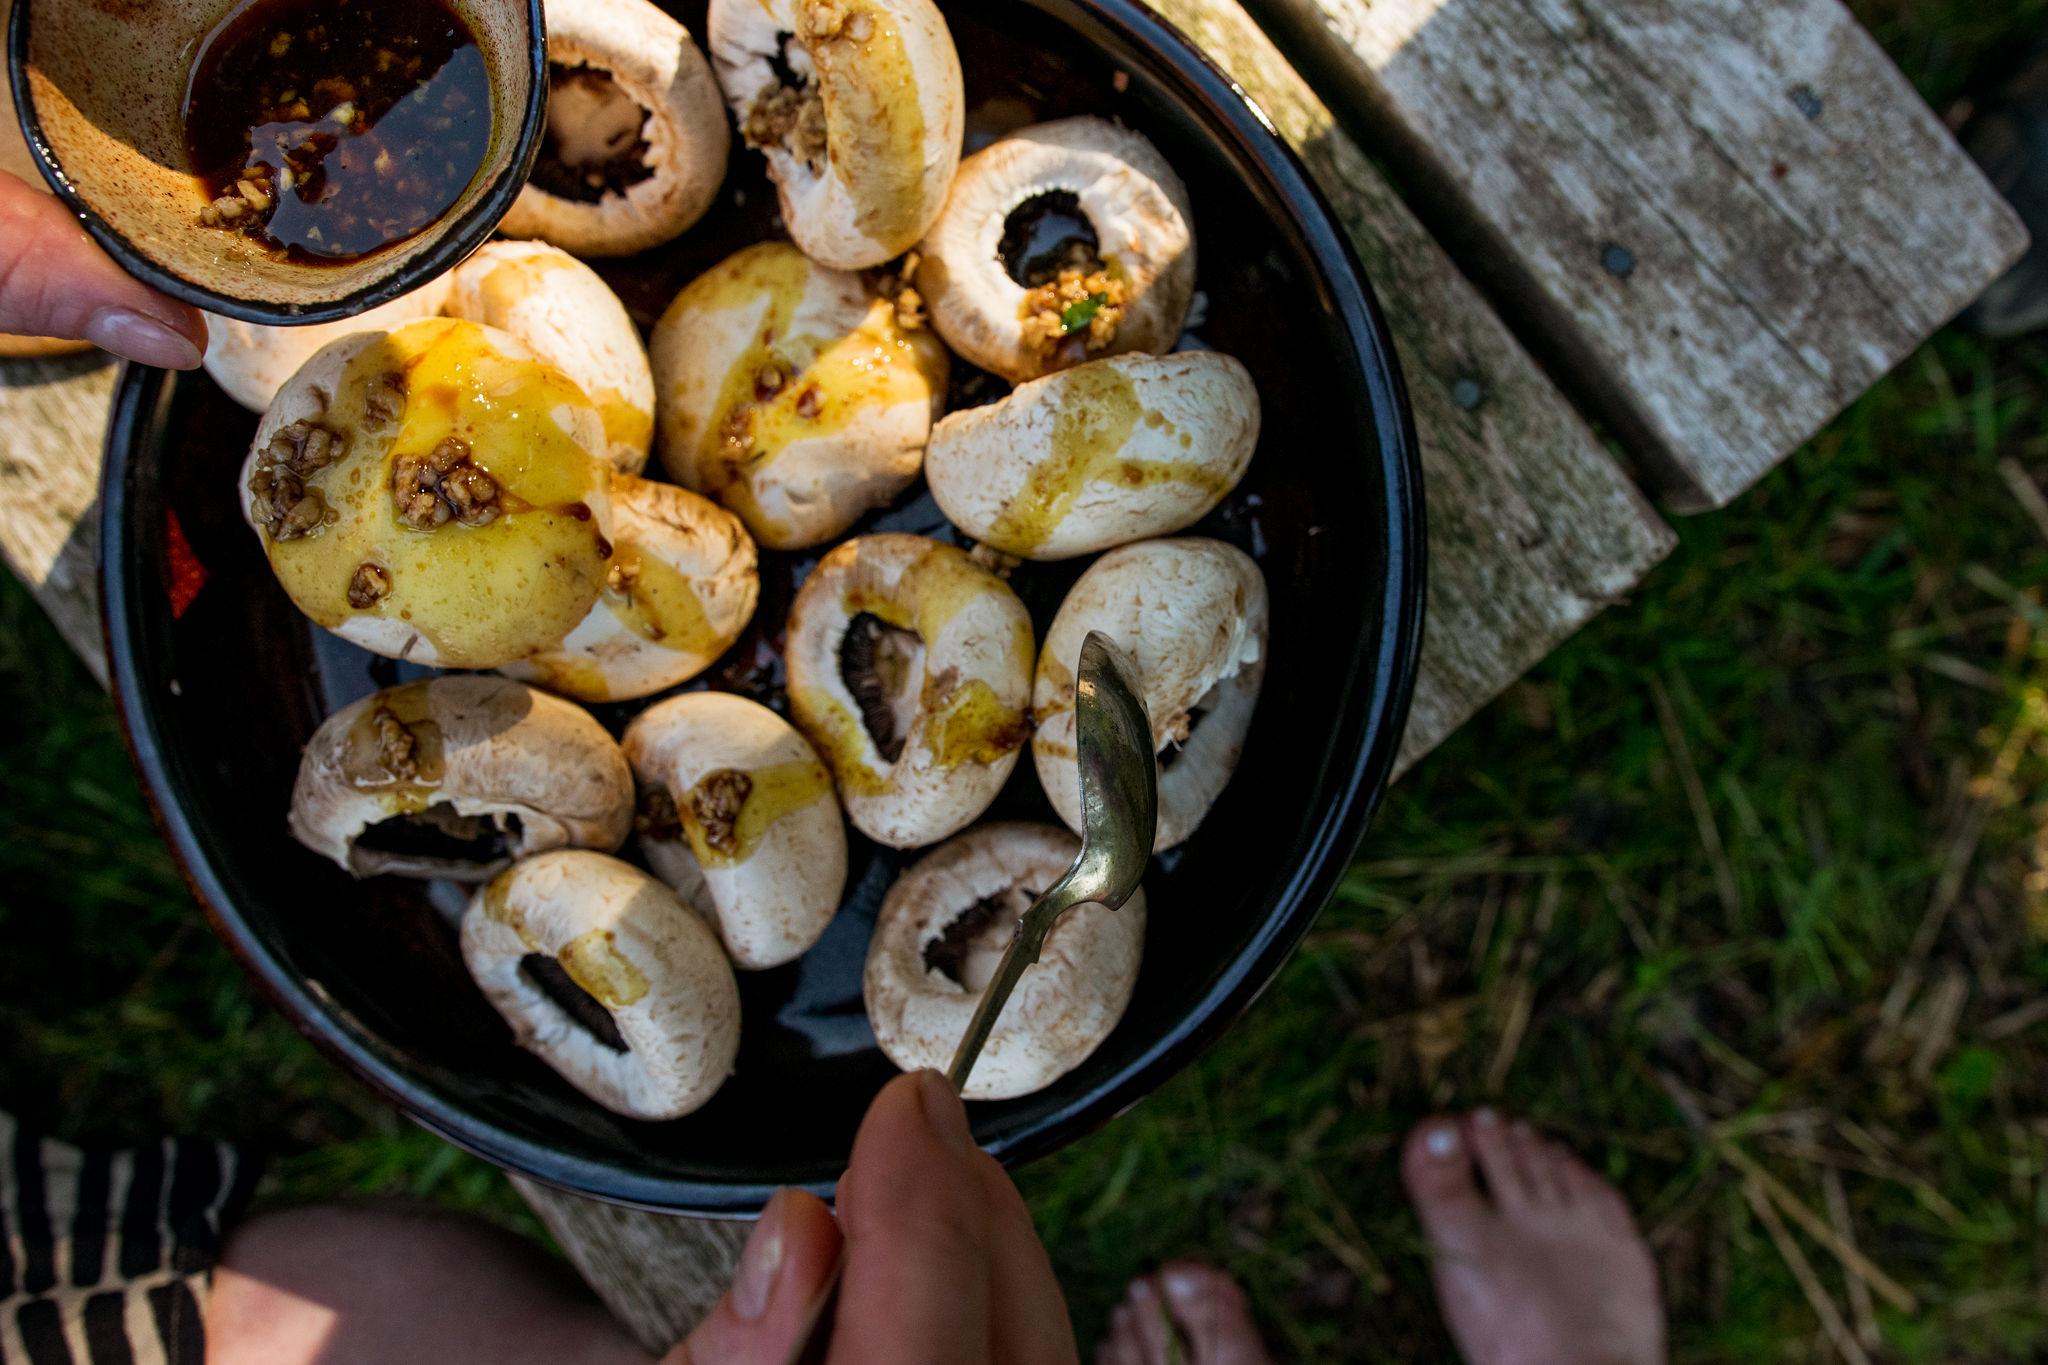 marinating the saimaalife grilled mushroom skewers